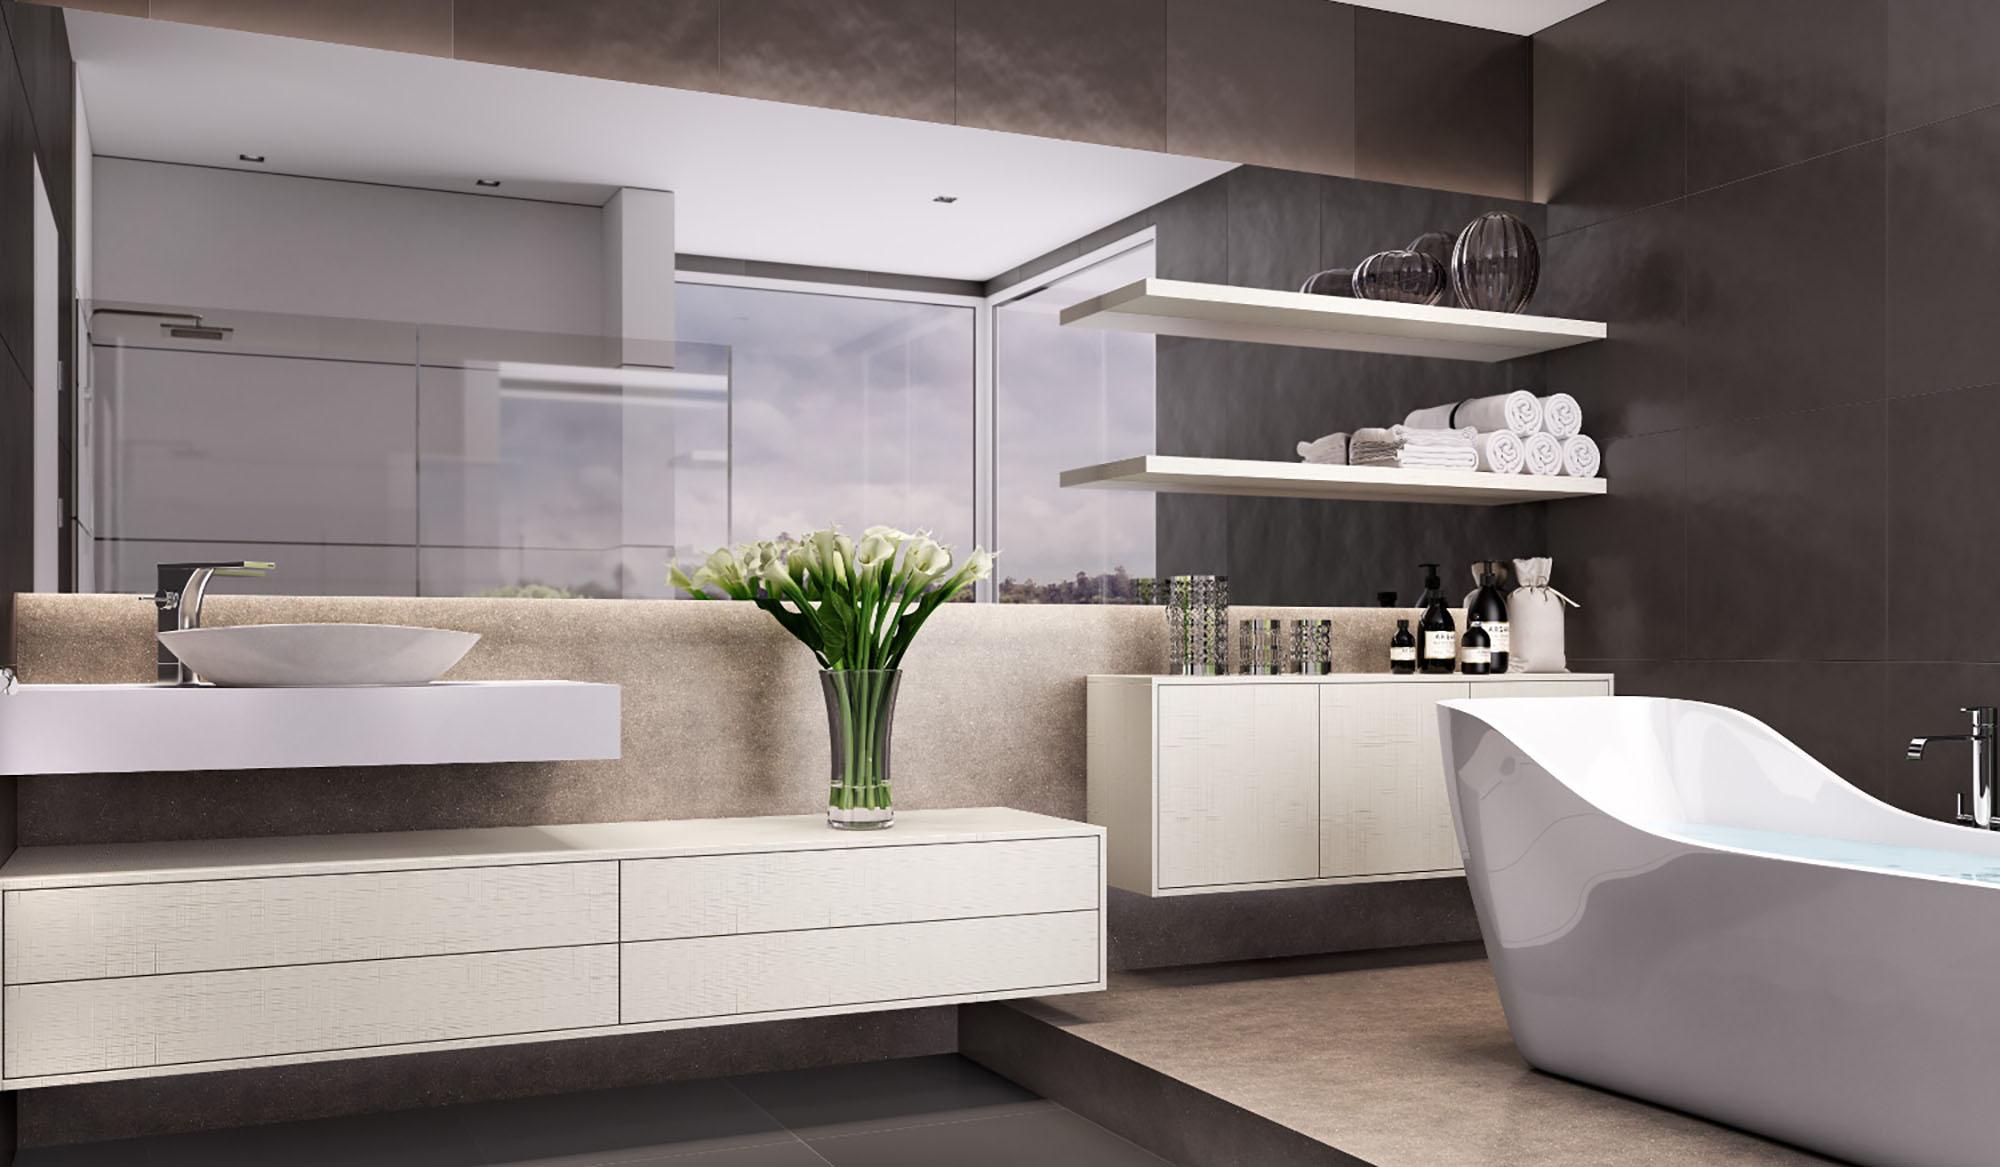 Móveis planejados - Banheiro 2